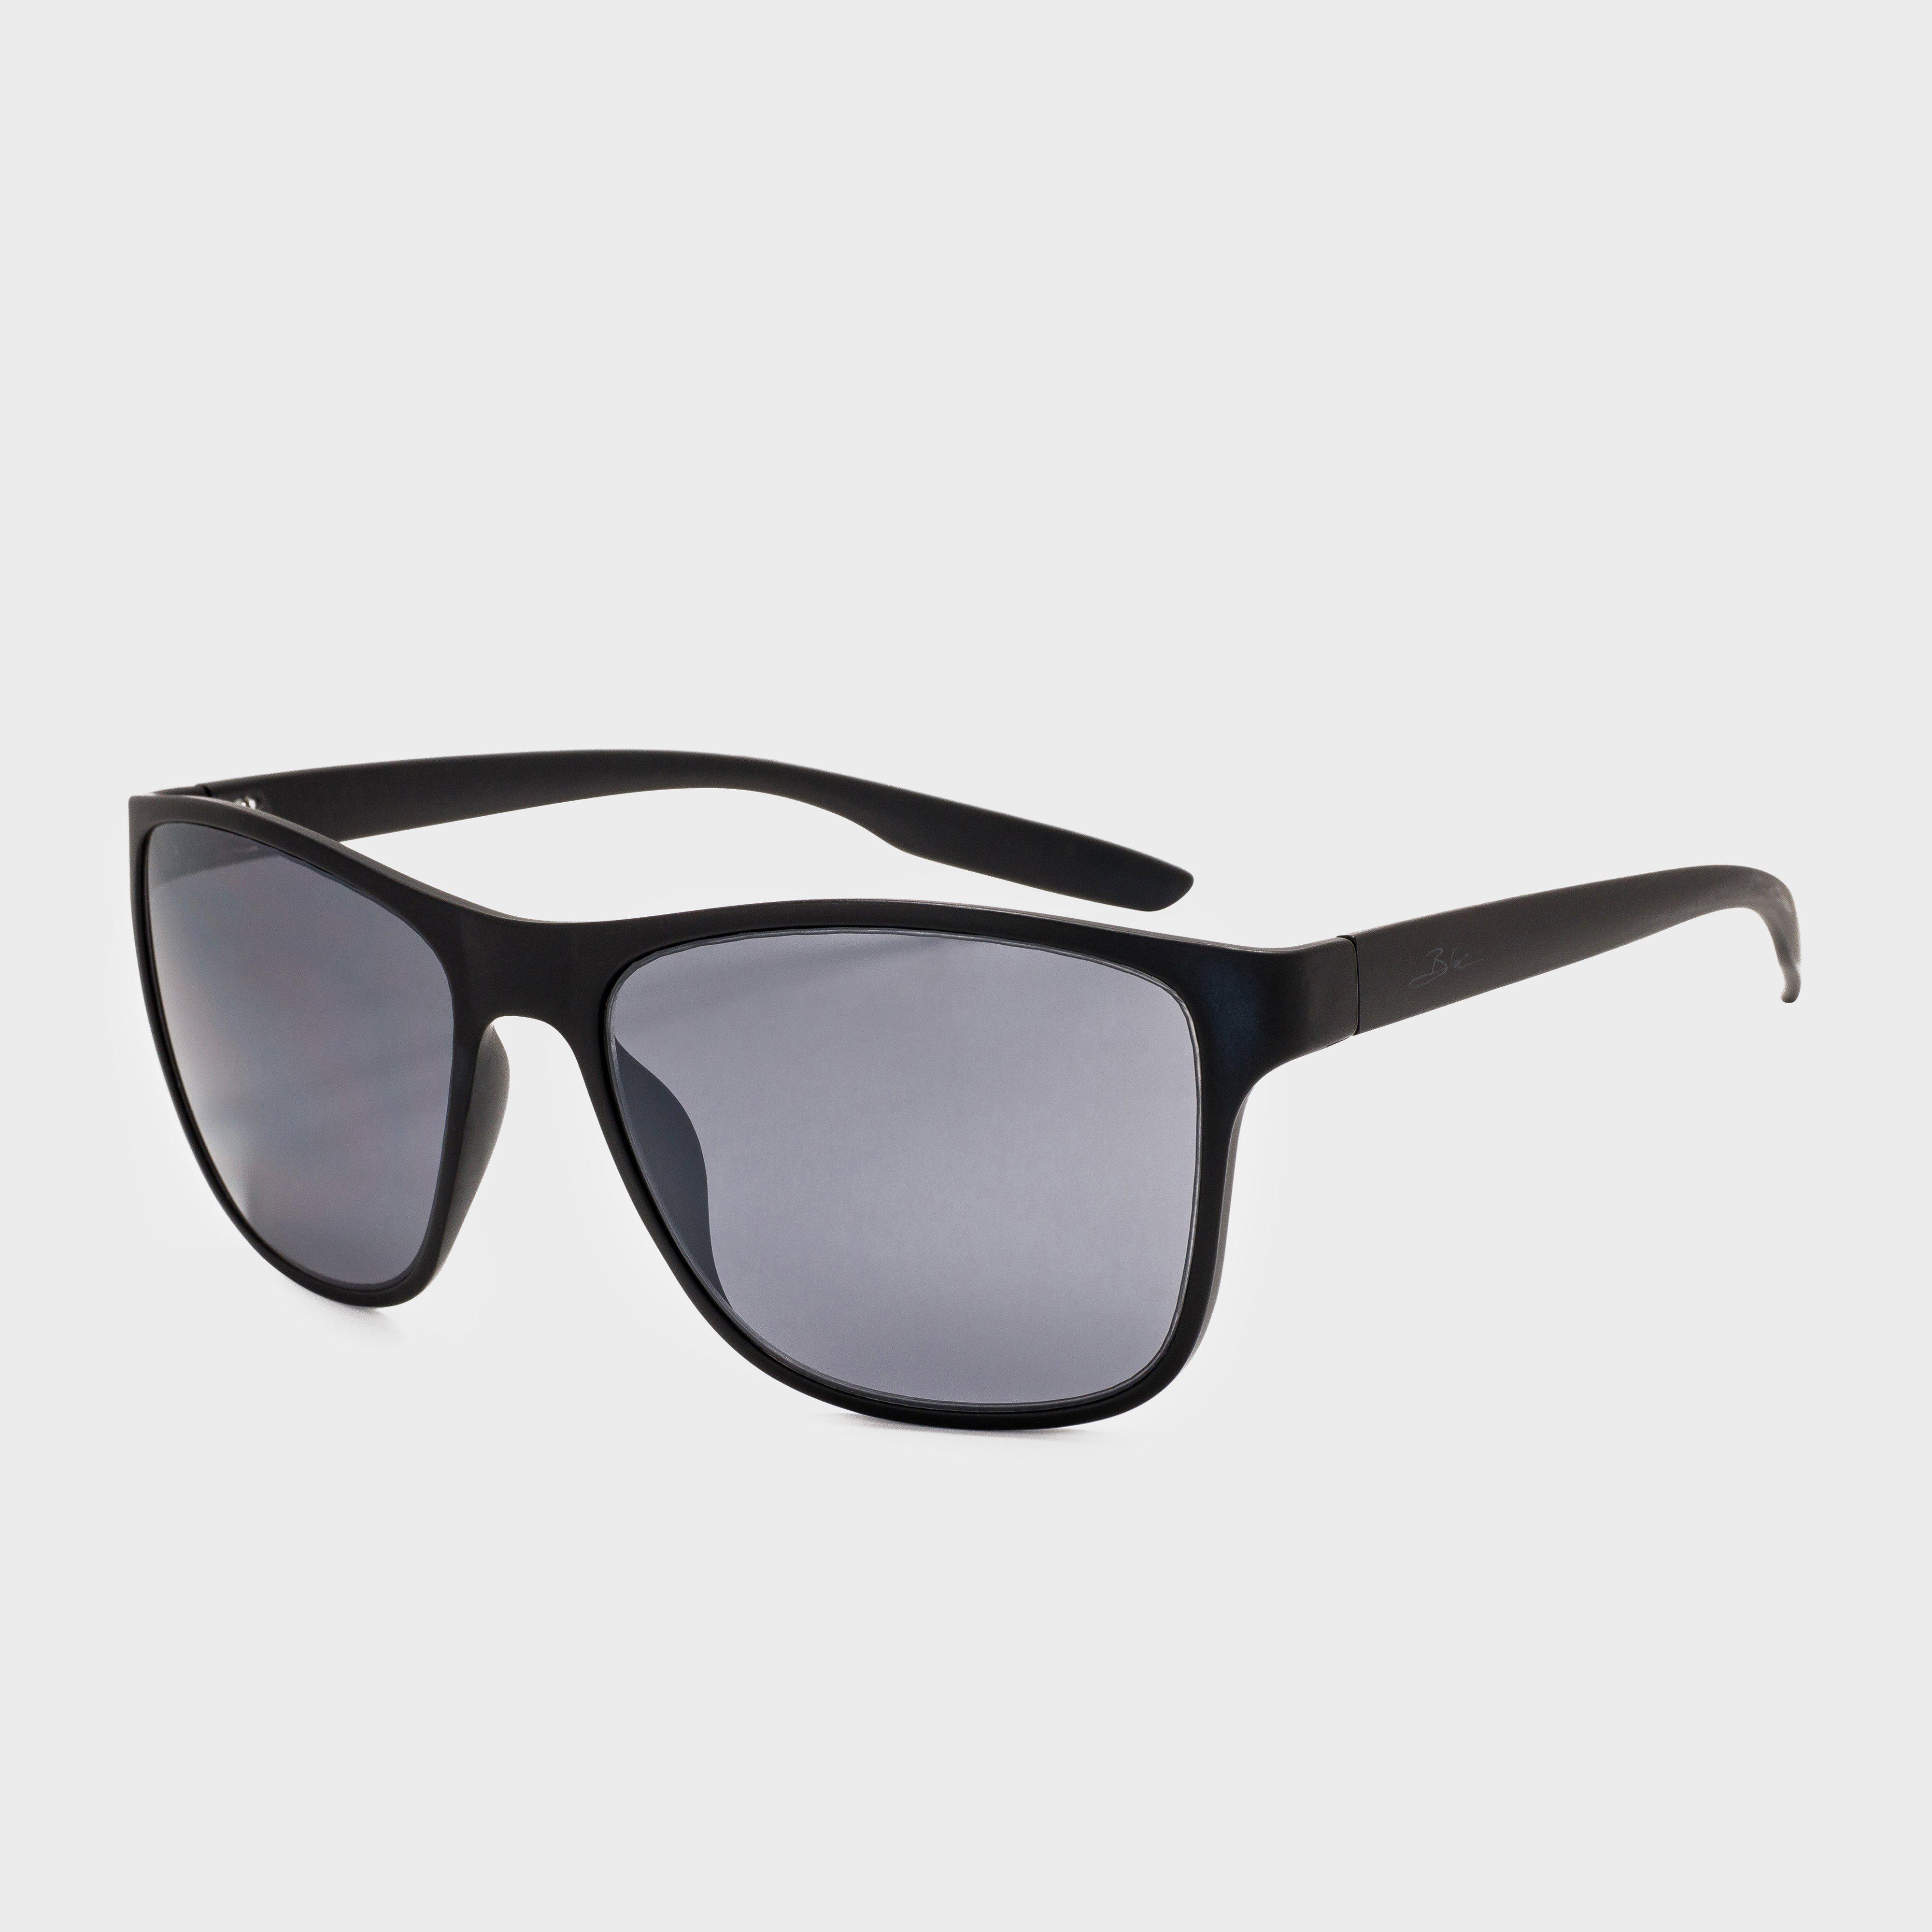 Bloc Bloc Cruise 2 F850 Sunglasses - Black, Black